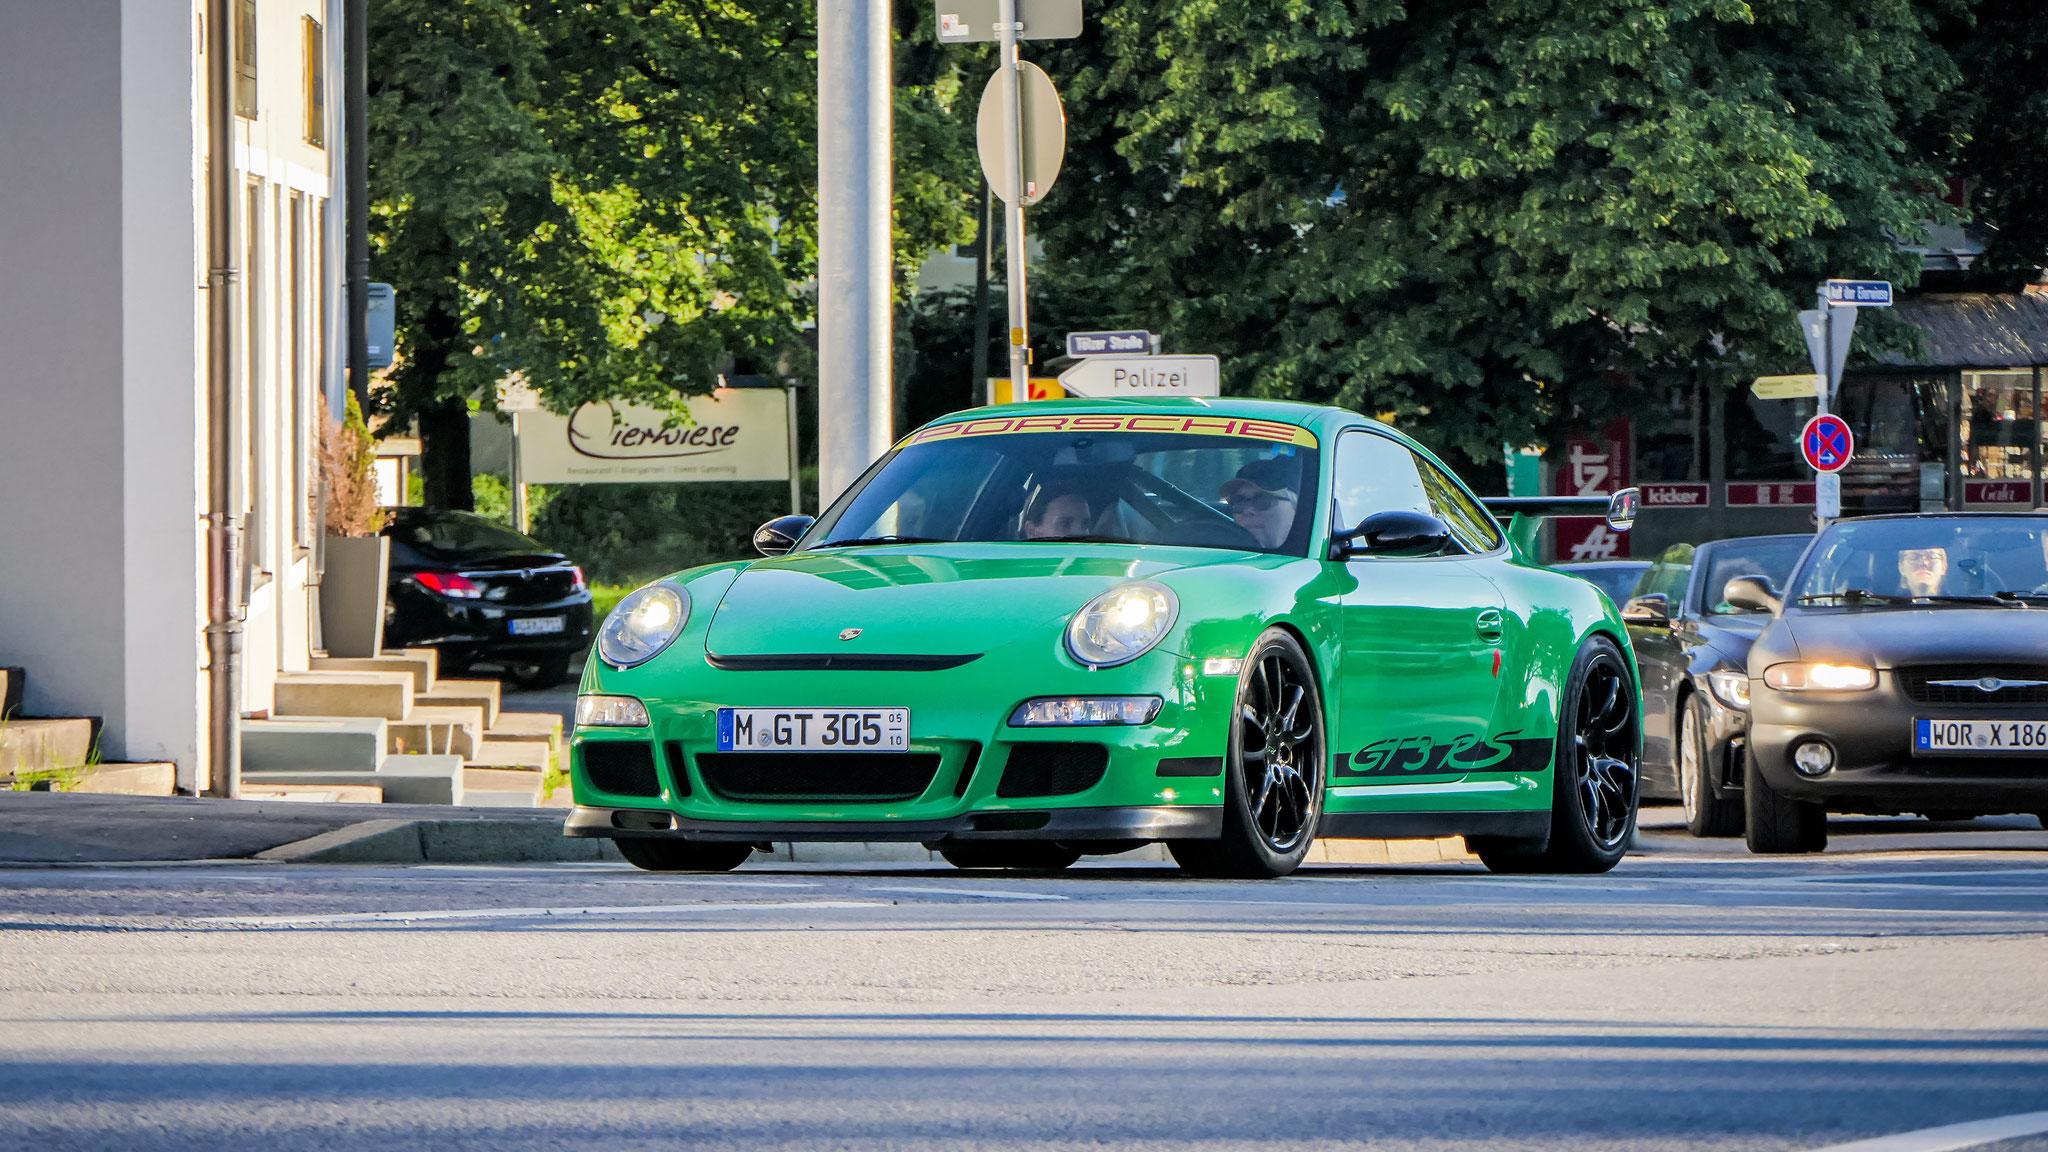 Porsche 997 GT3 RS - M-GT-305